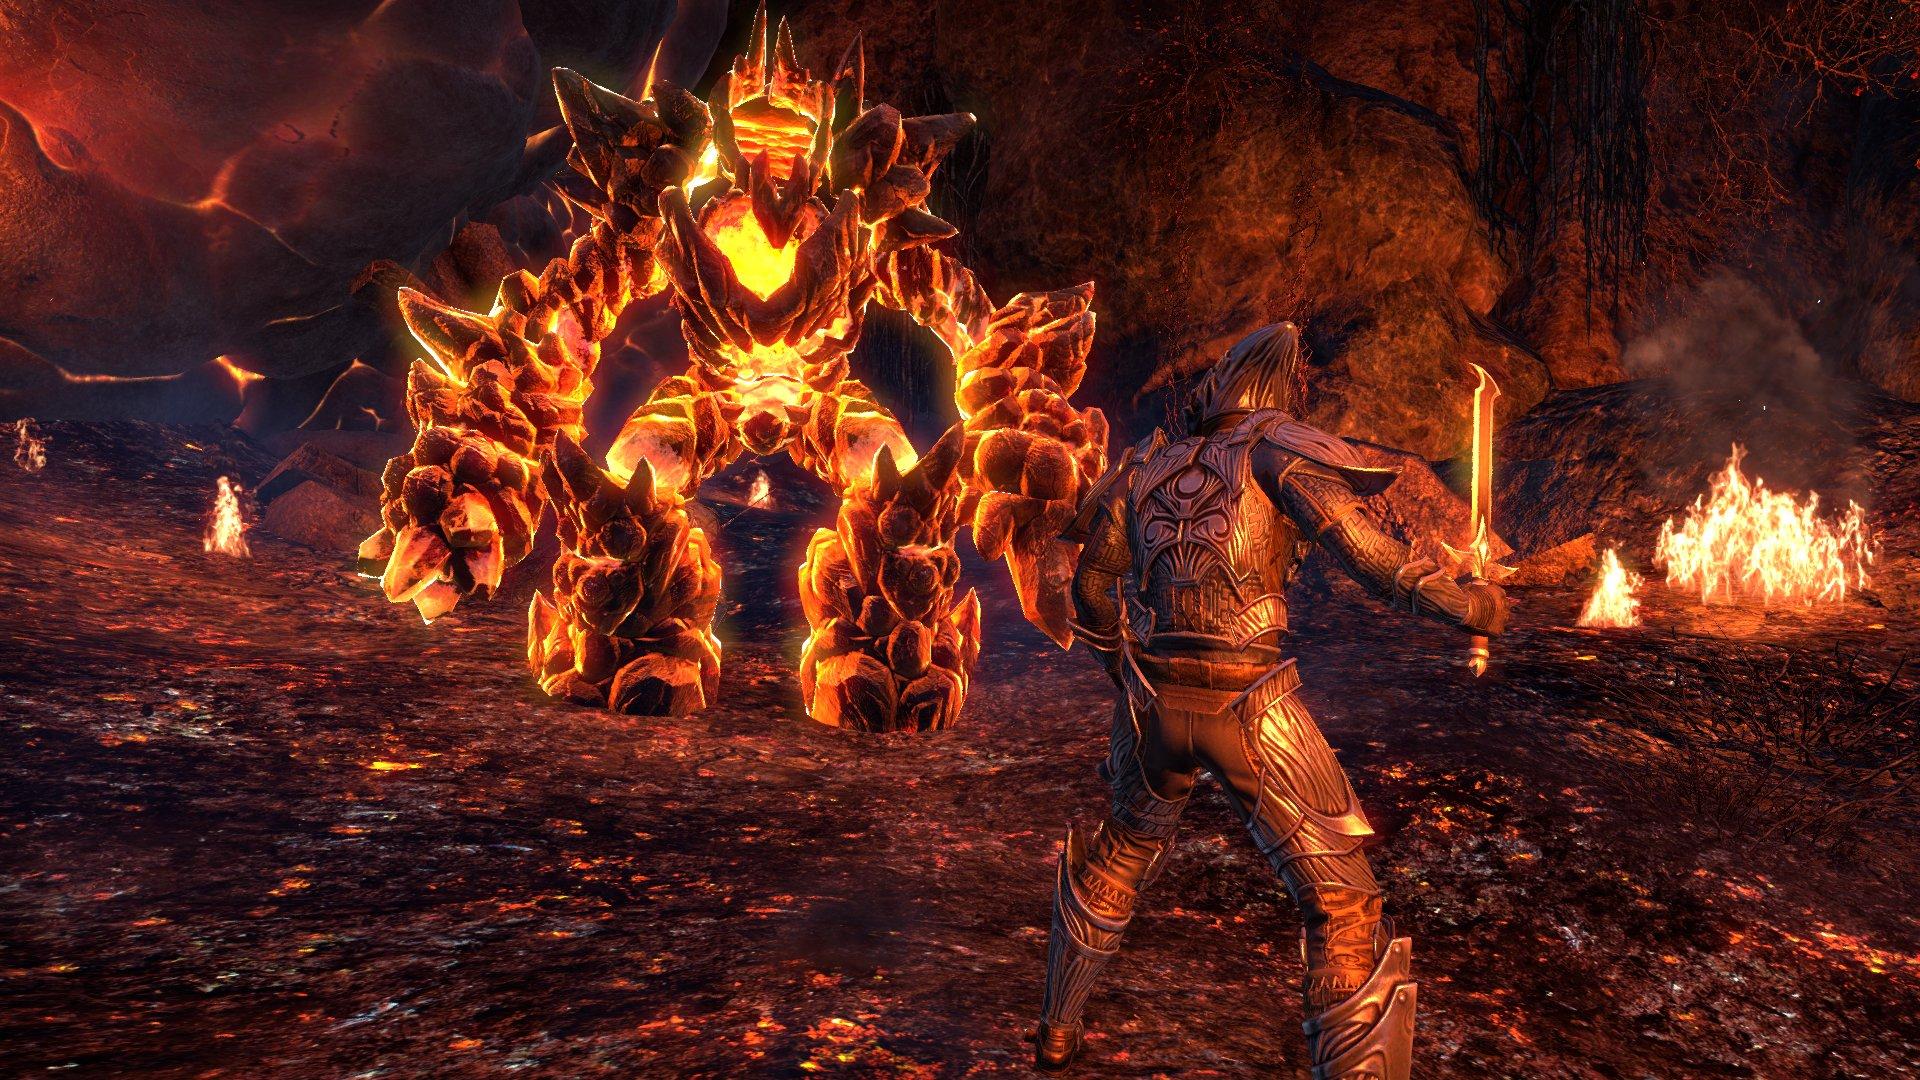 The elder scrolls online hd wallpaper background image - Morrowind wallpaper ...